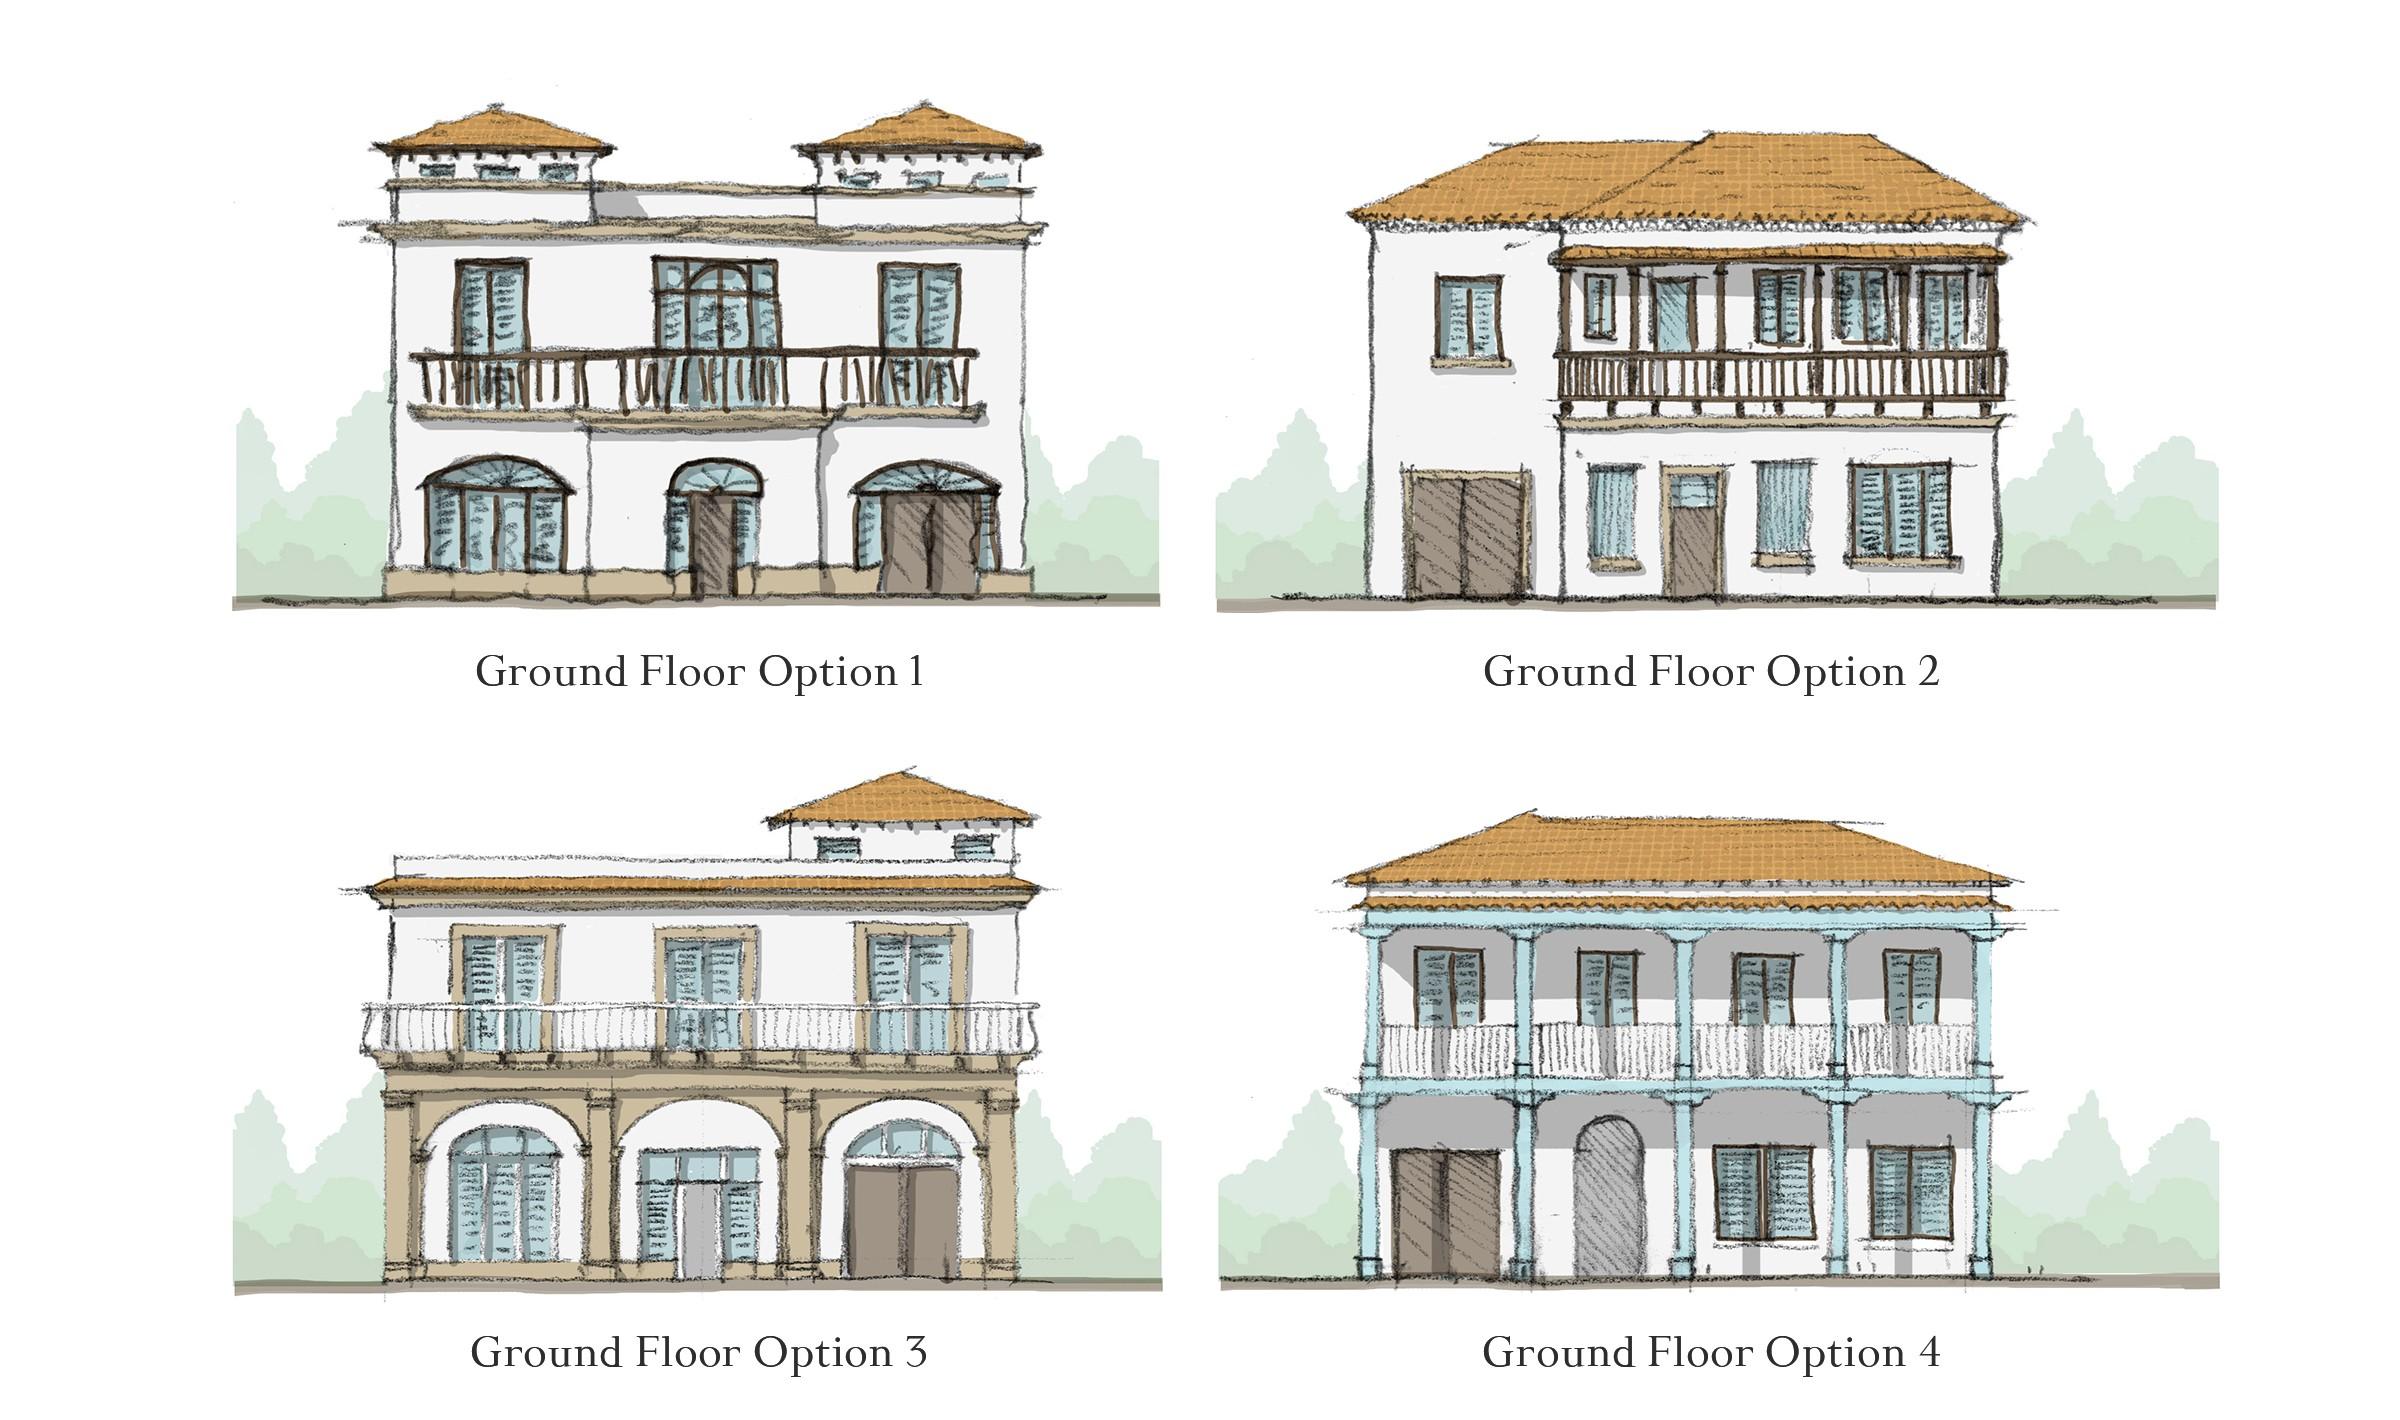 Conceptual exploration of architectural development in Cuba